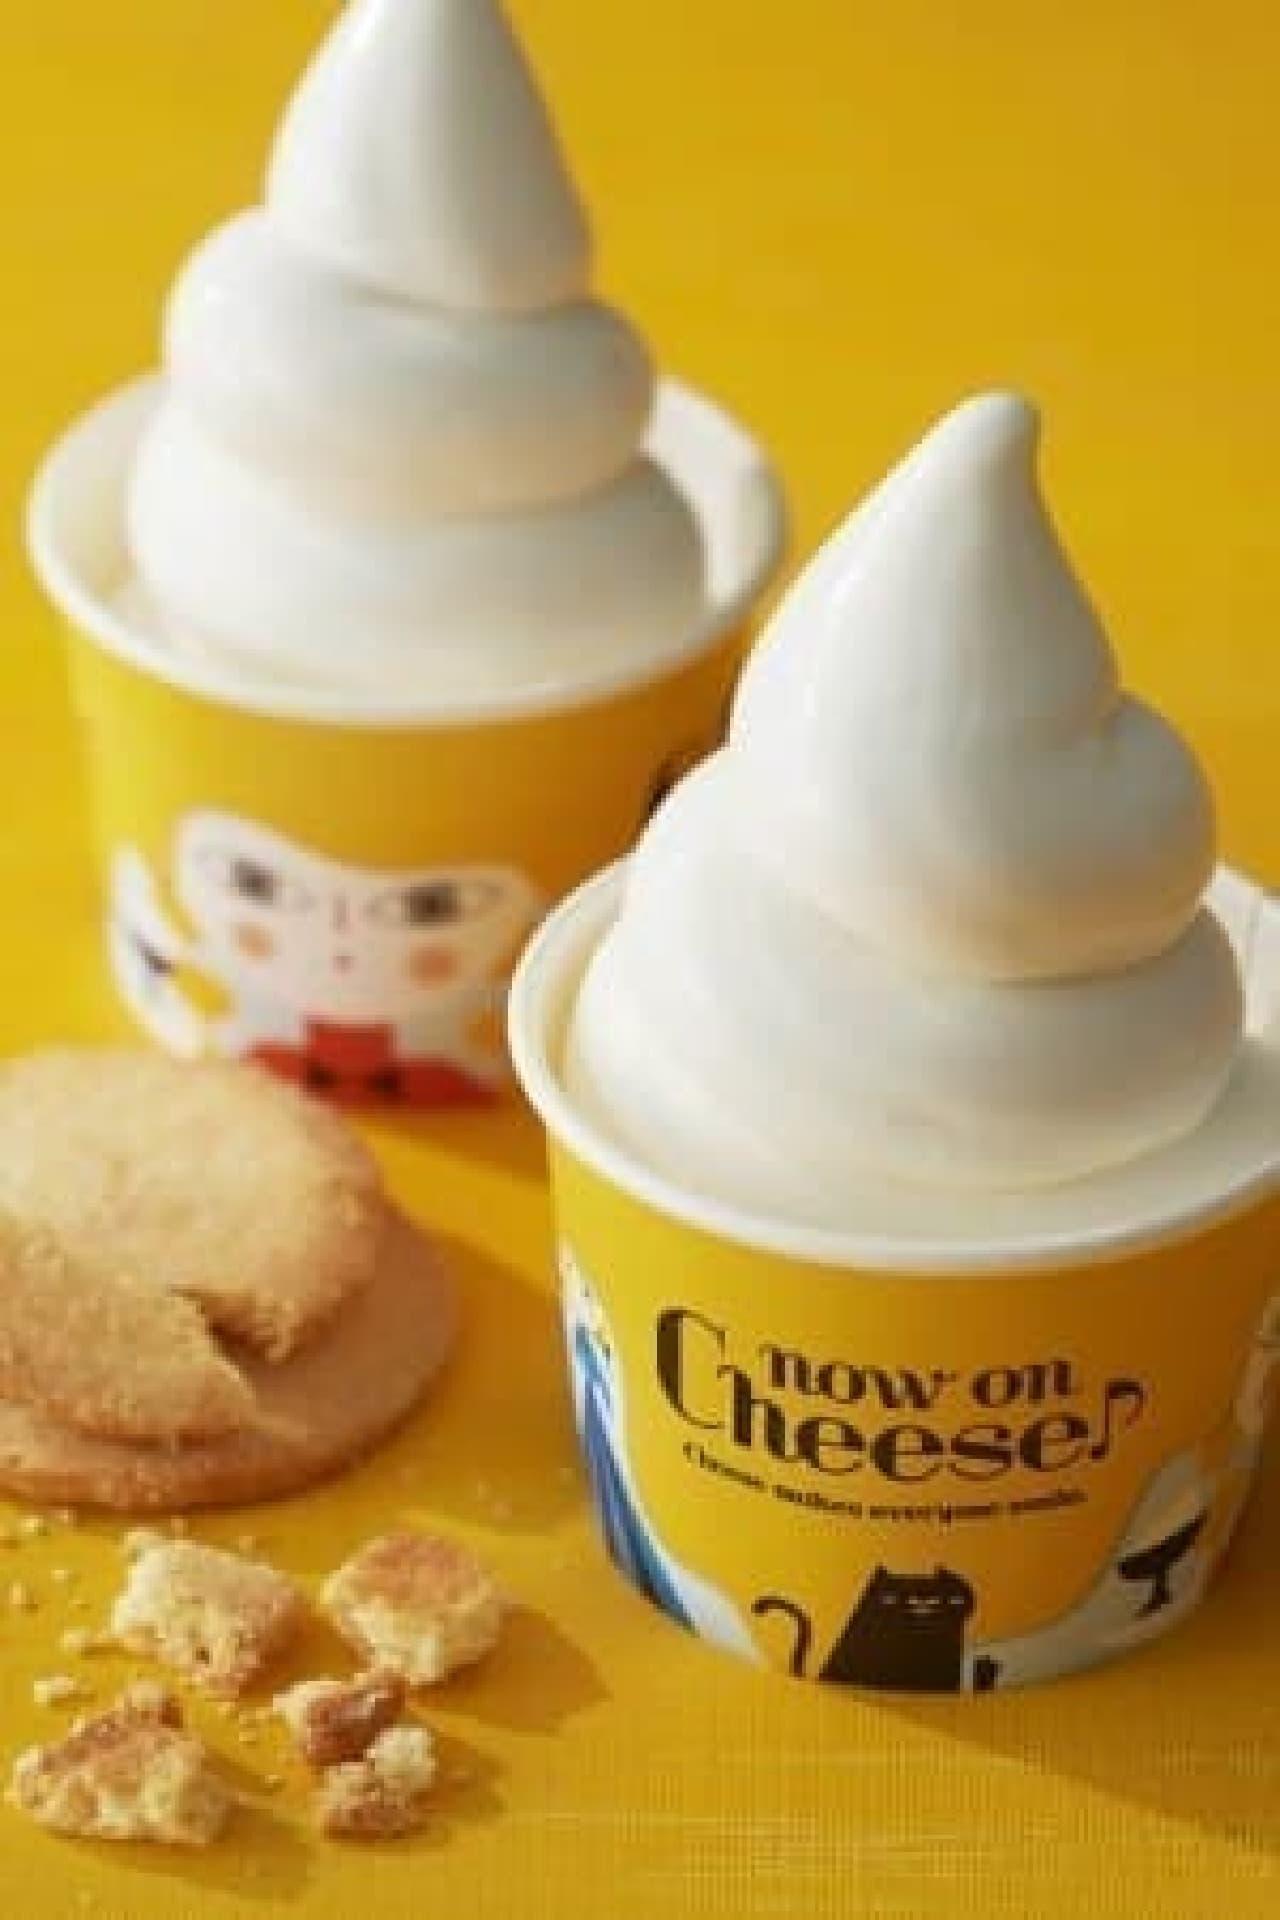 ナウ オン チーズ「レアチーズソフトクリーム」